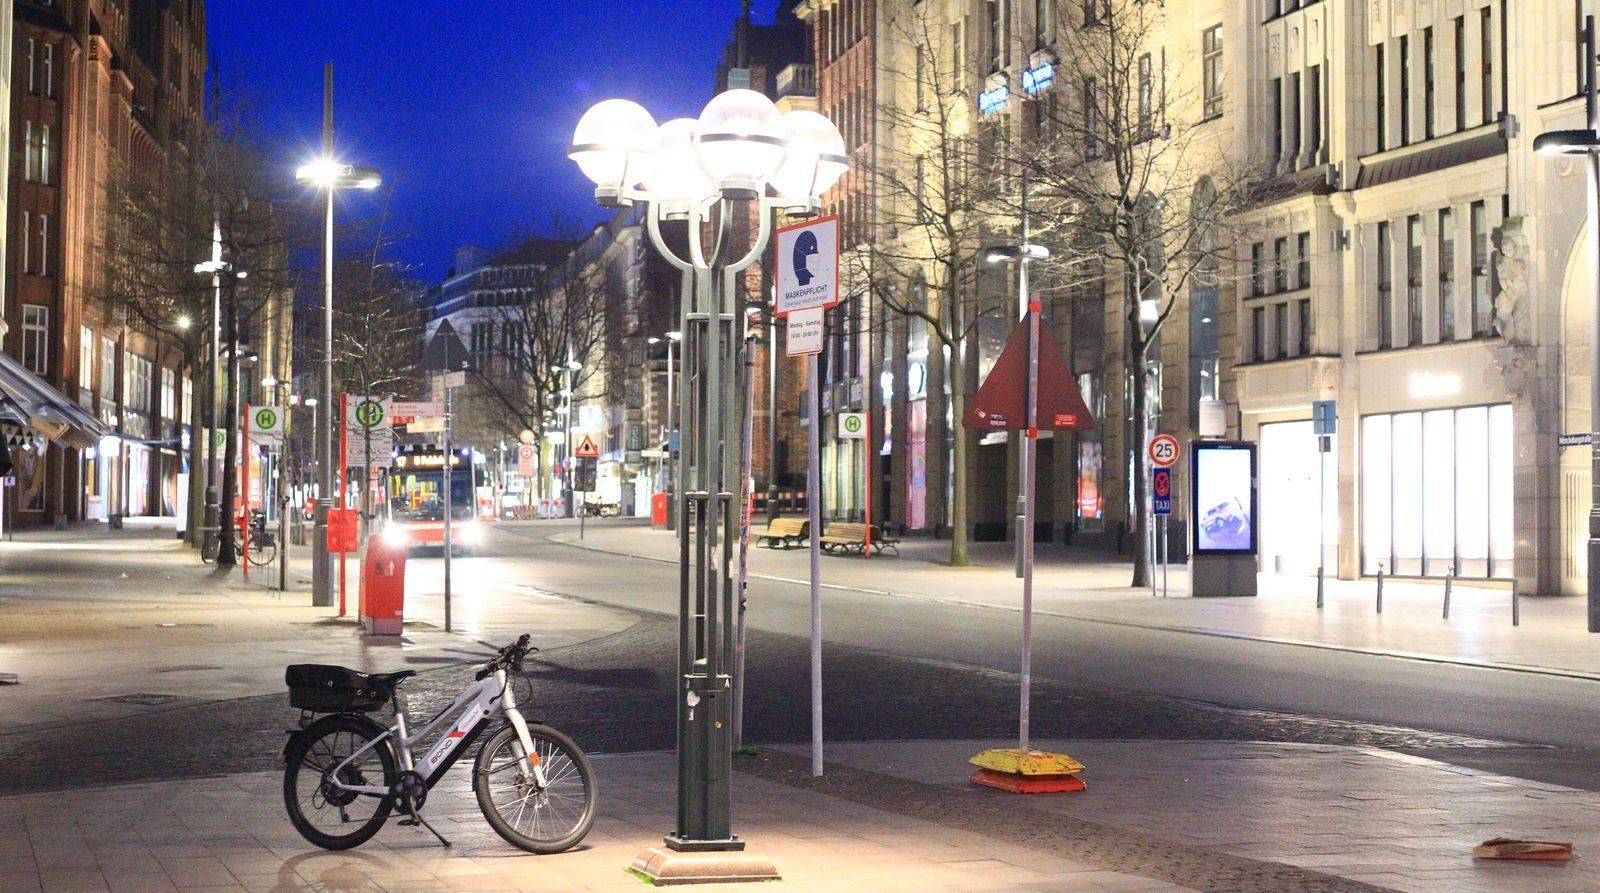 Menschenleere Geschäftsstraße/Flaniermeile Mönckebergstraße in der Hamburger Innenstadt während der Ausgangssperre. Inn